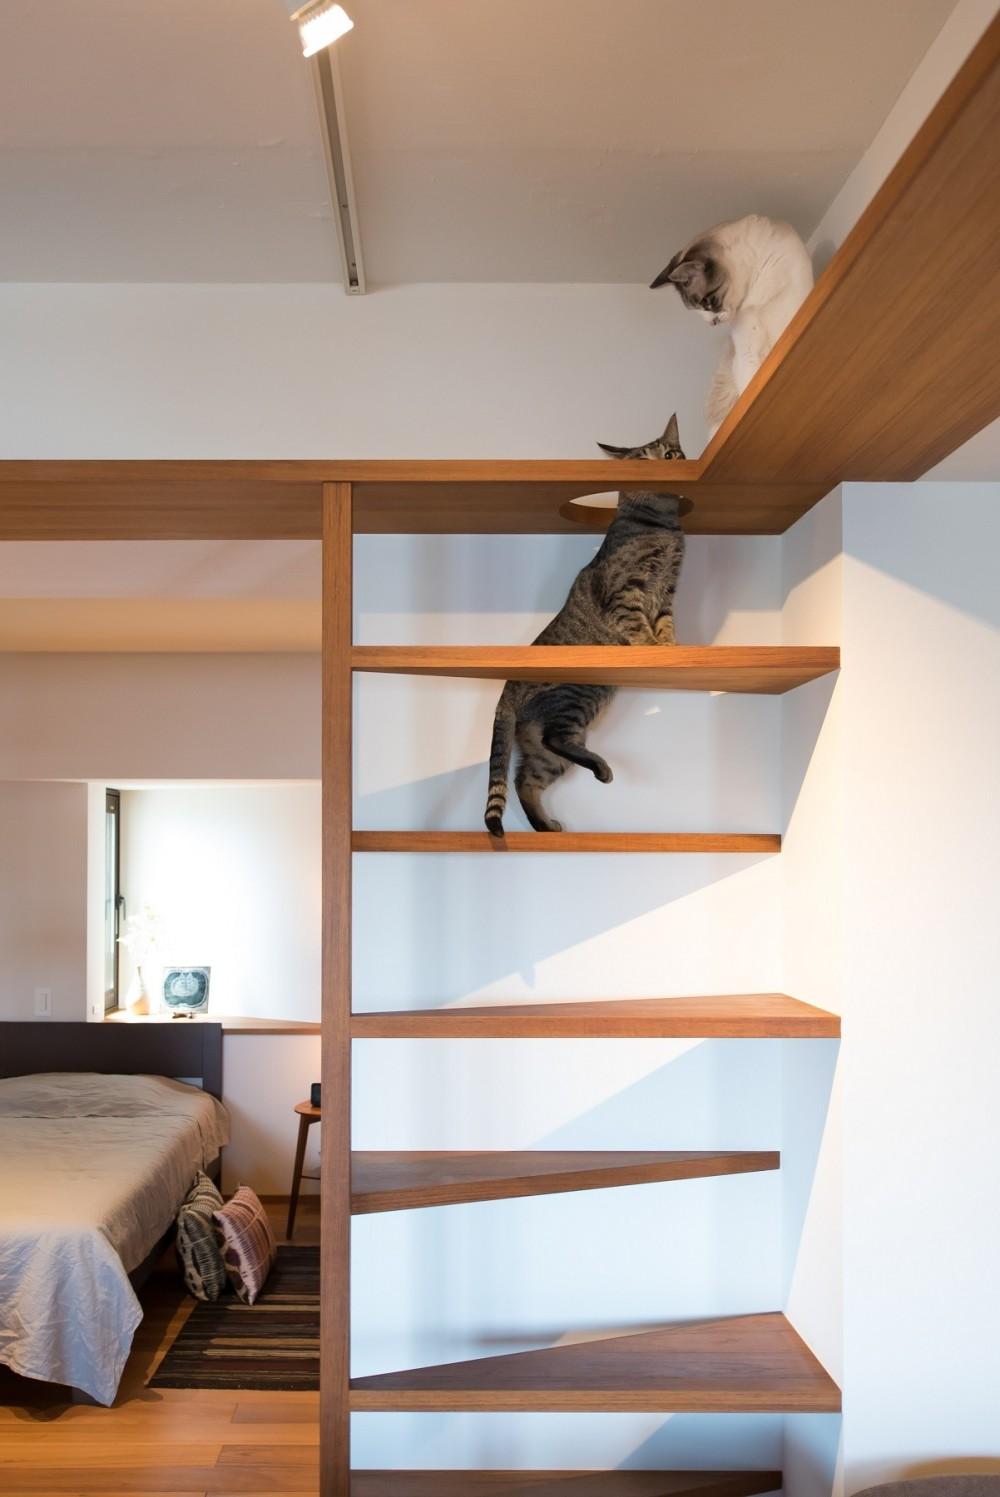 南越谷Mさんの家 (猫の遊び場)